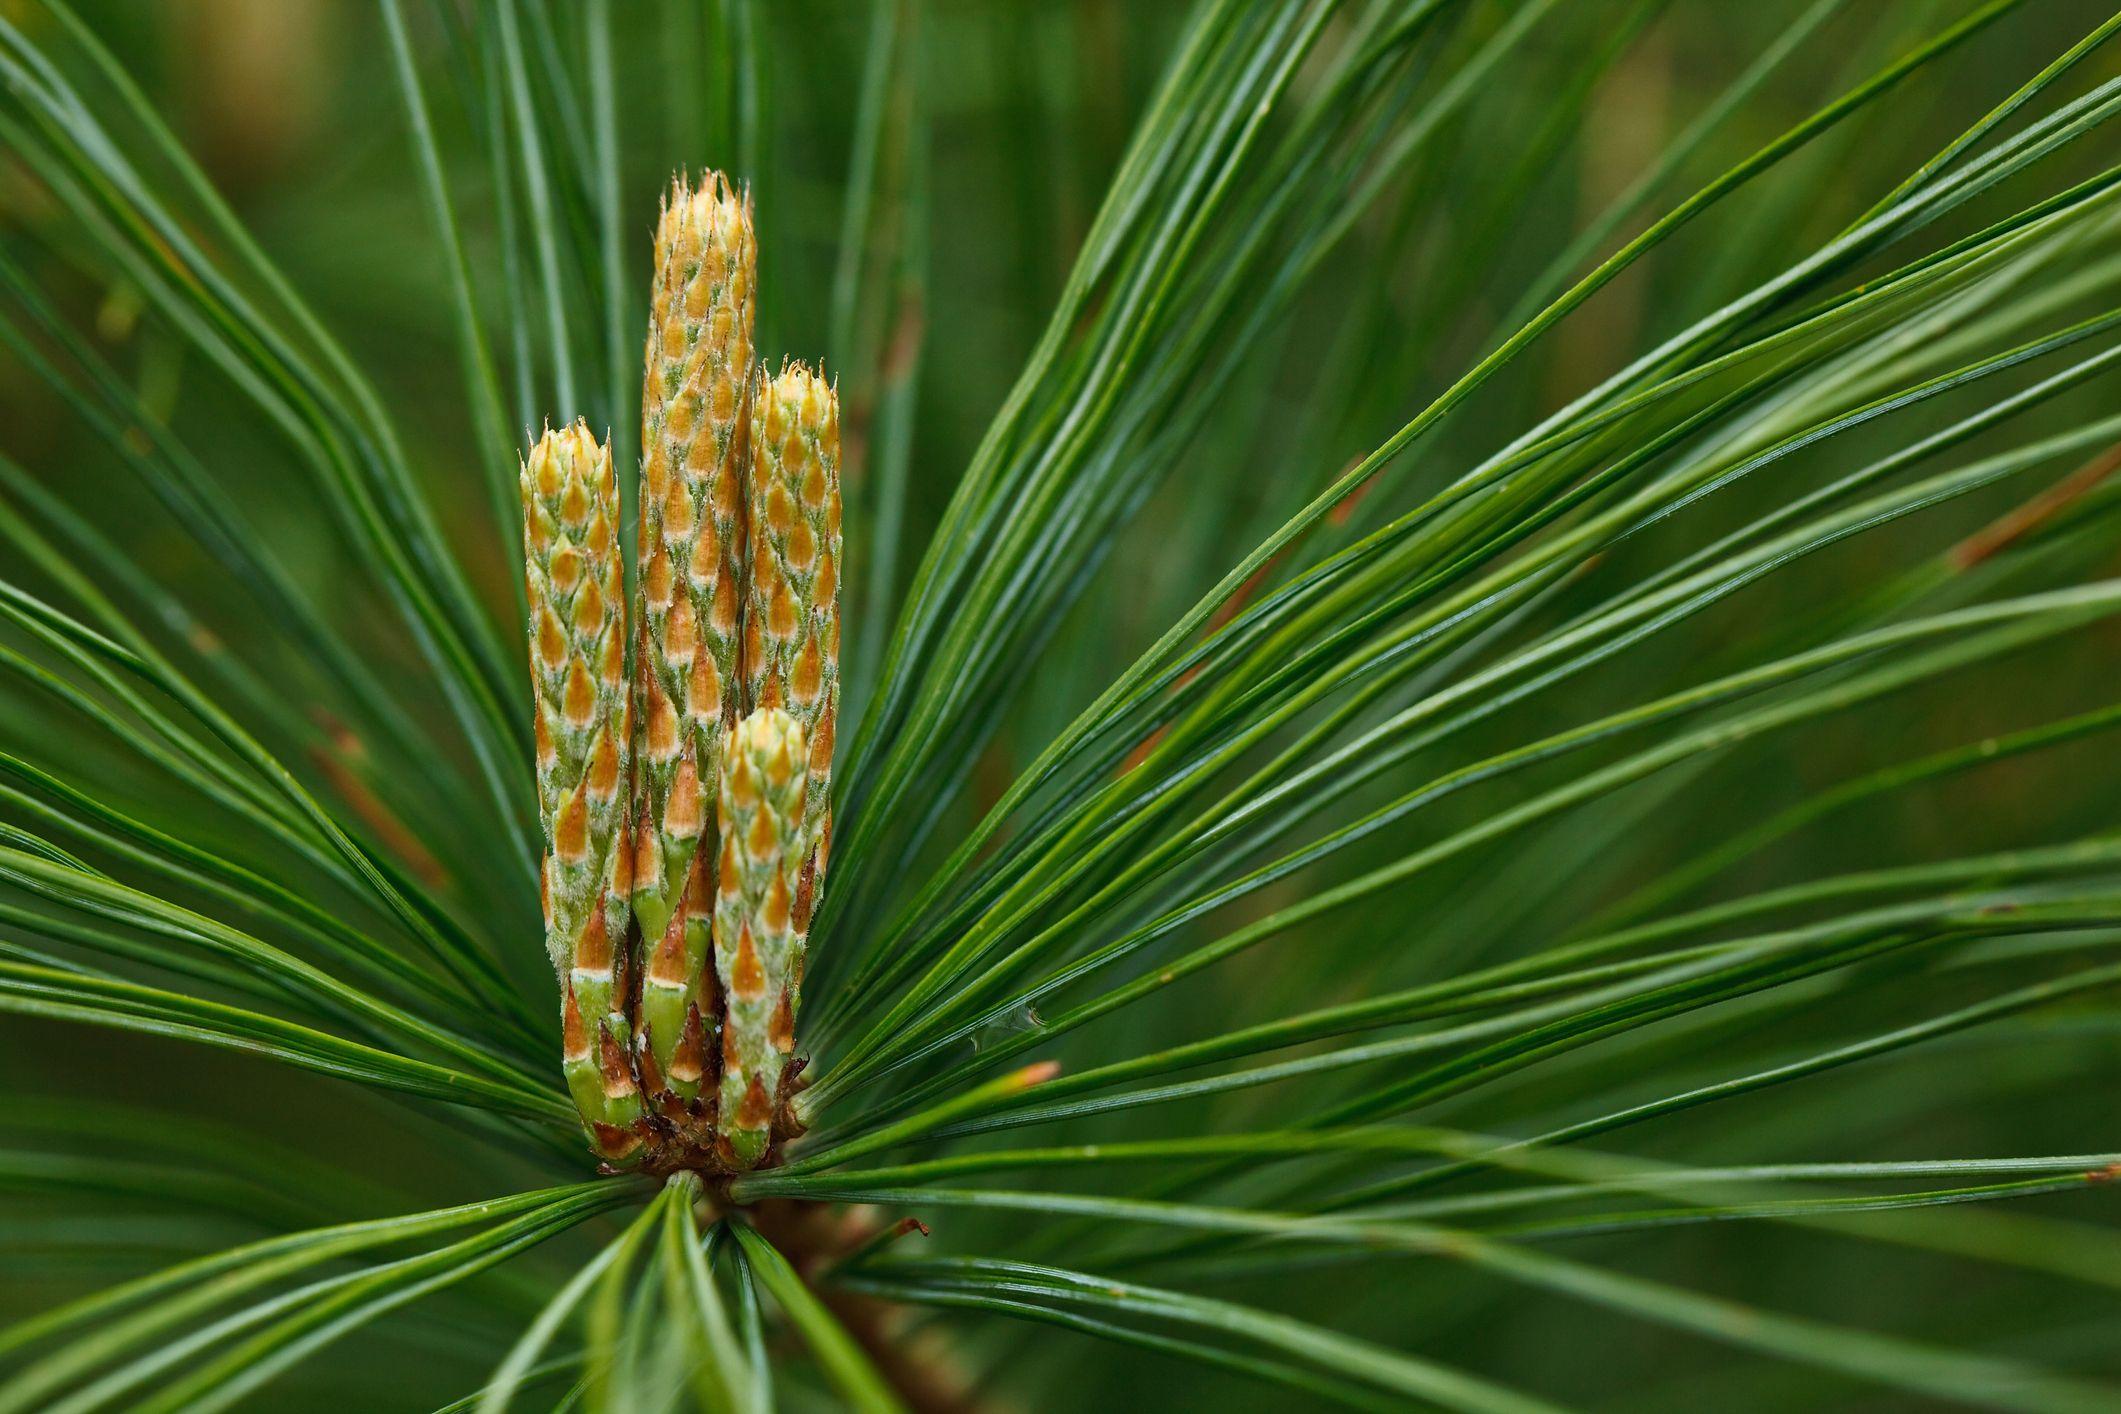 50. White Pine Cone and Tassel - Maine